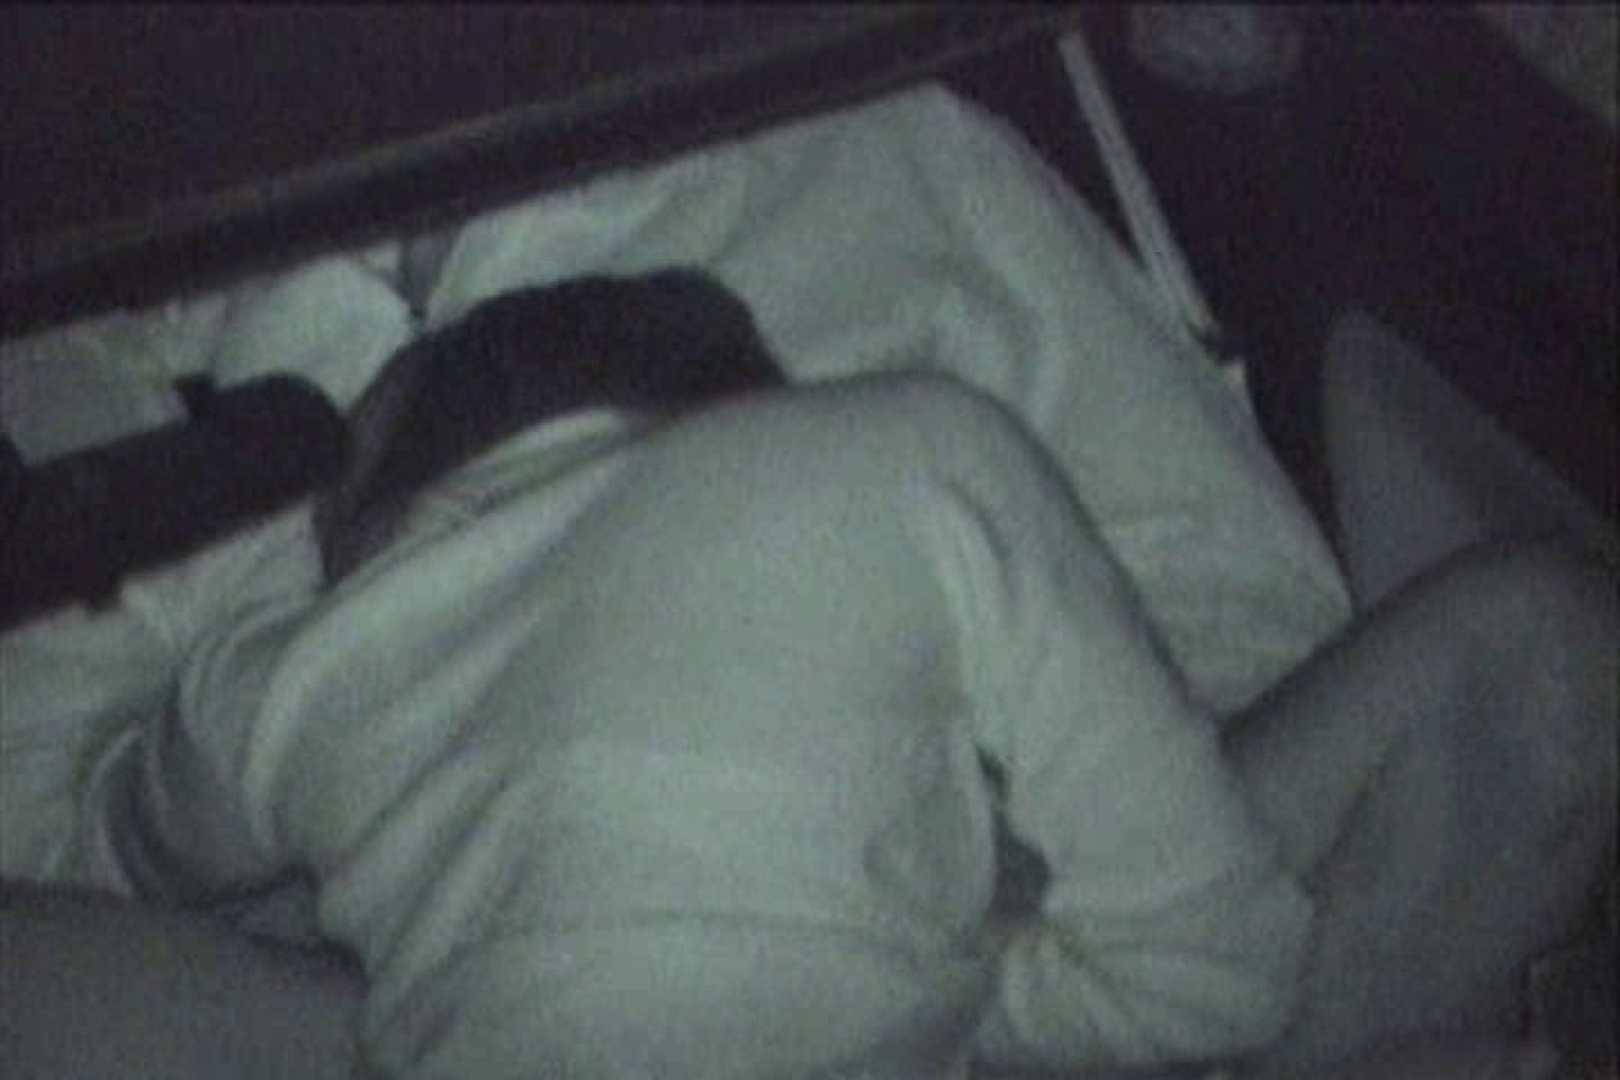 車の中はラブホテル 無修正版  Vol.21 ホテル 盗撮AV動画キャプチャ 109画像 28